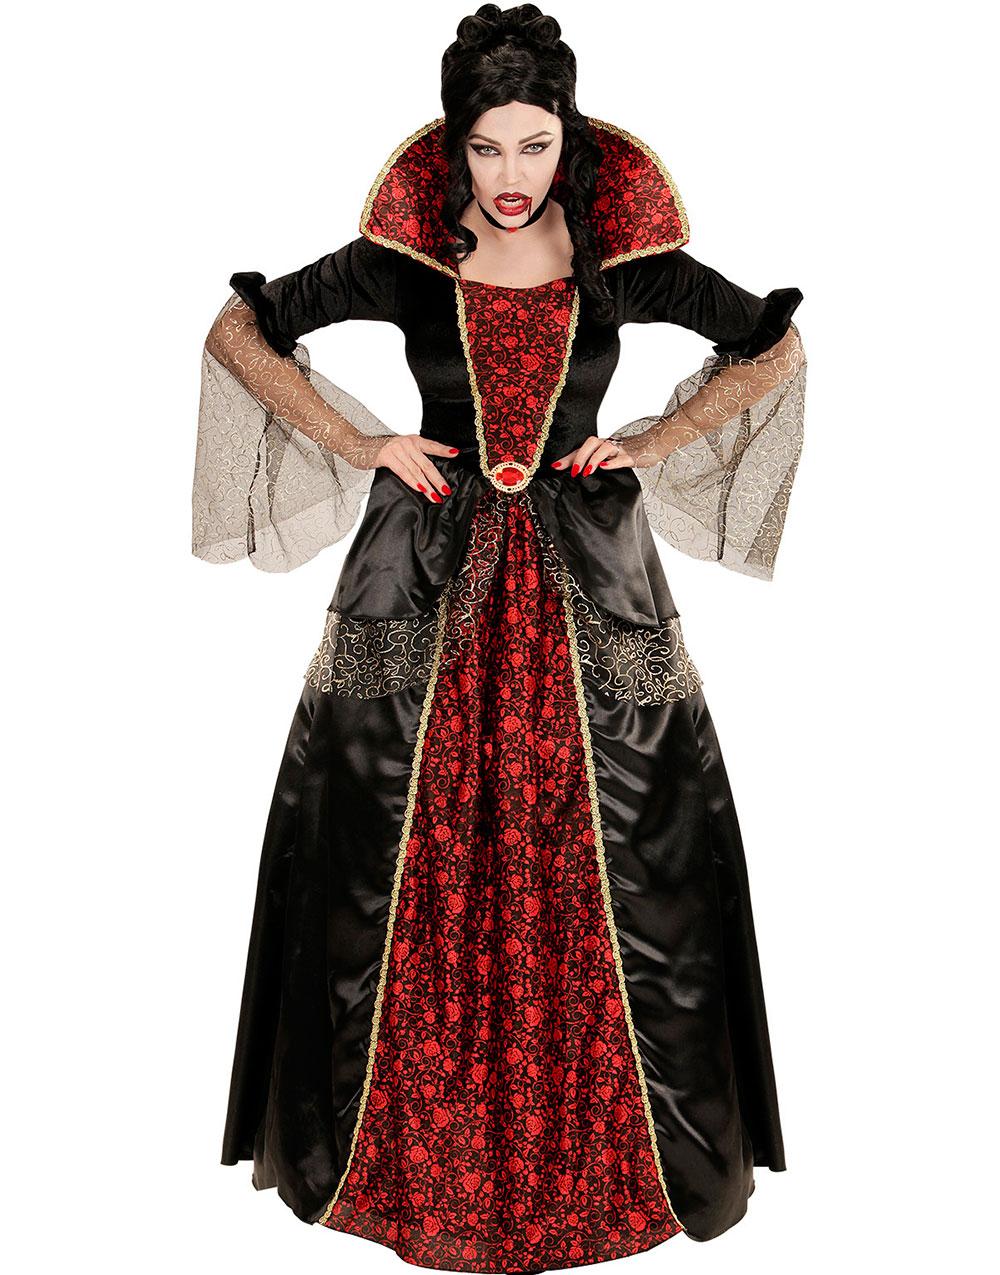 61b18b3b5199 Vampyrdräkter - Utklädnad för blodtörstiga barn & vuxna ...